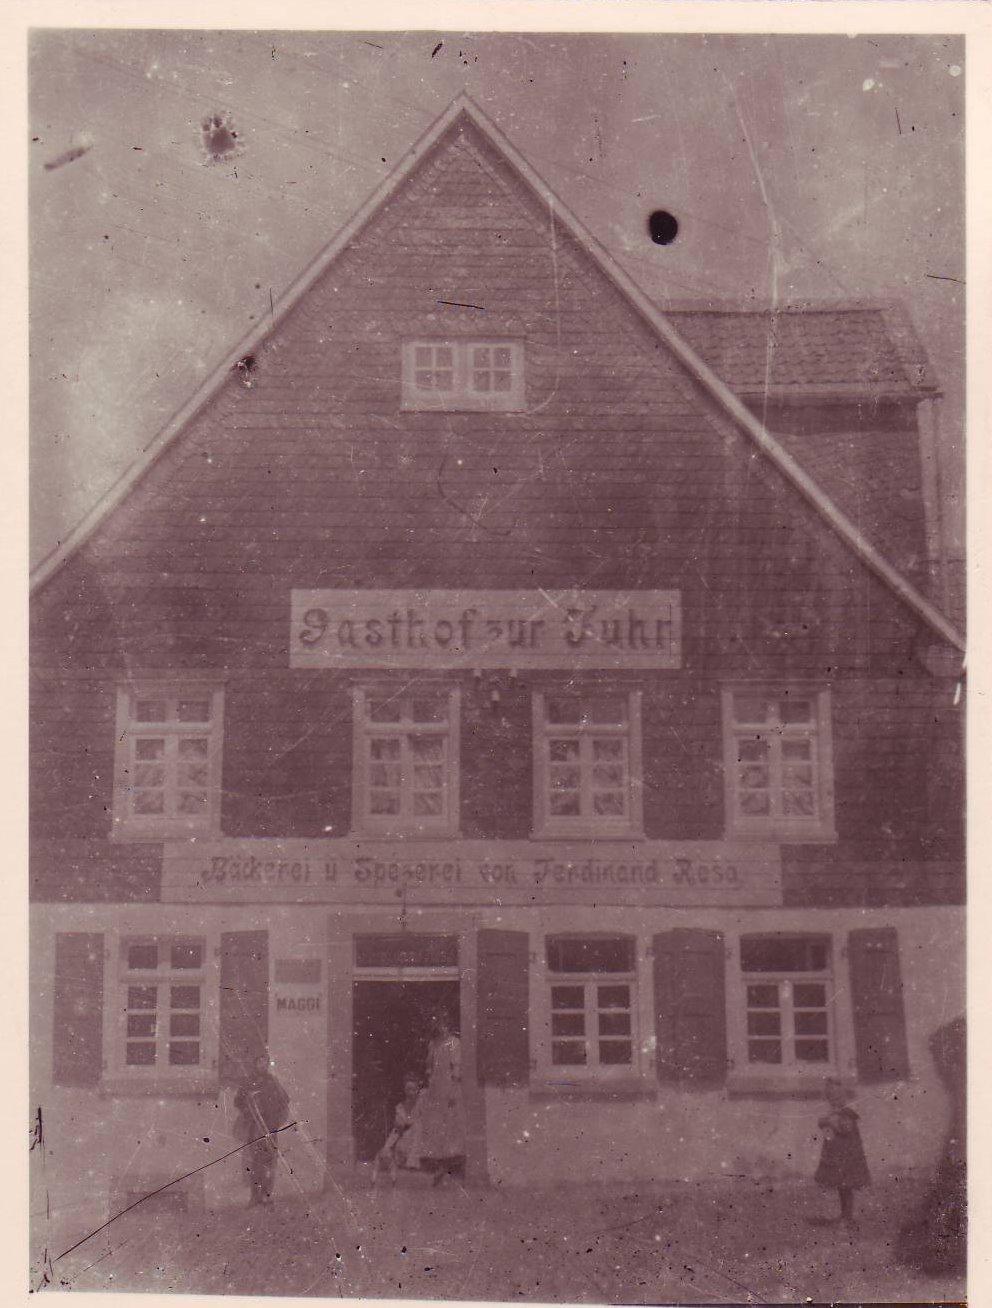 Gasthof zur Fuhr II